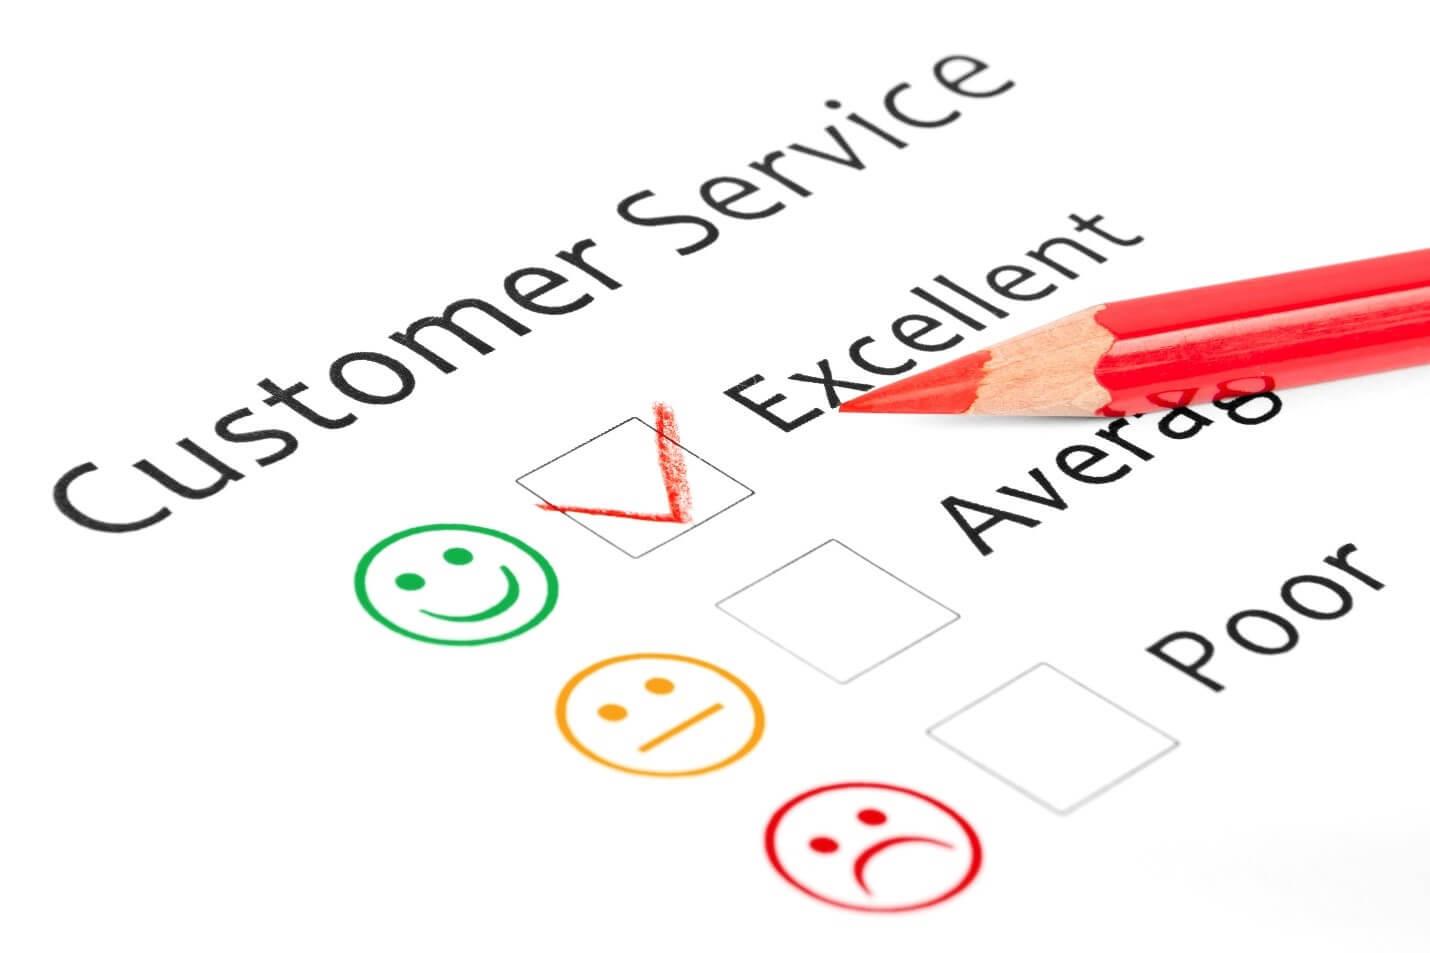 خدمات پس از فروش و پشتیبانی: